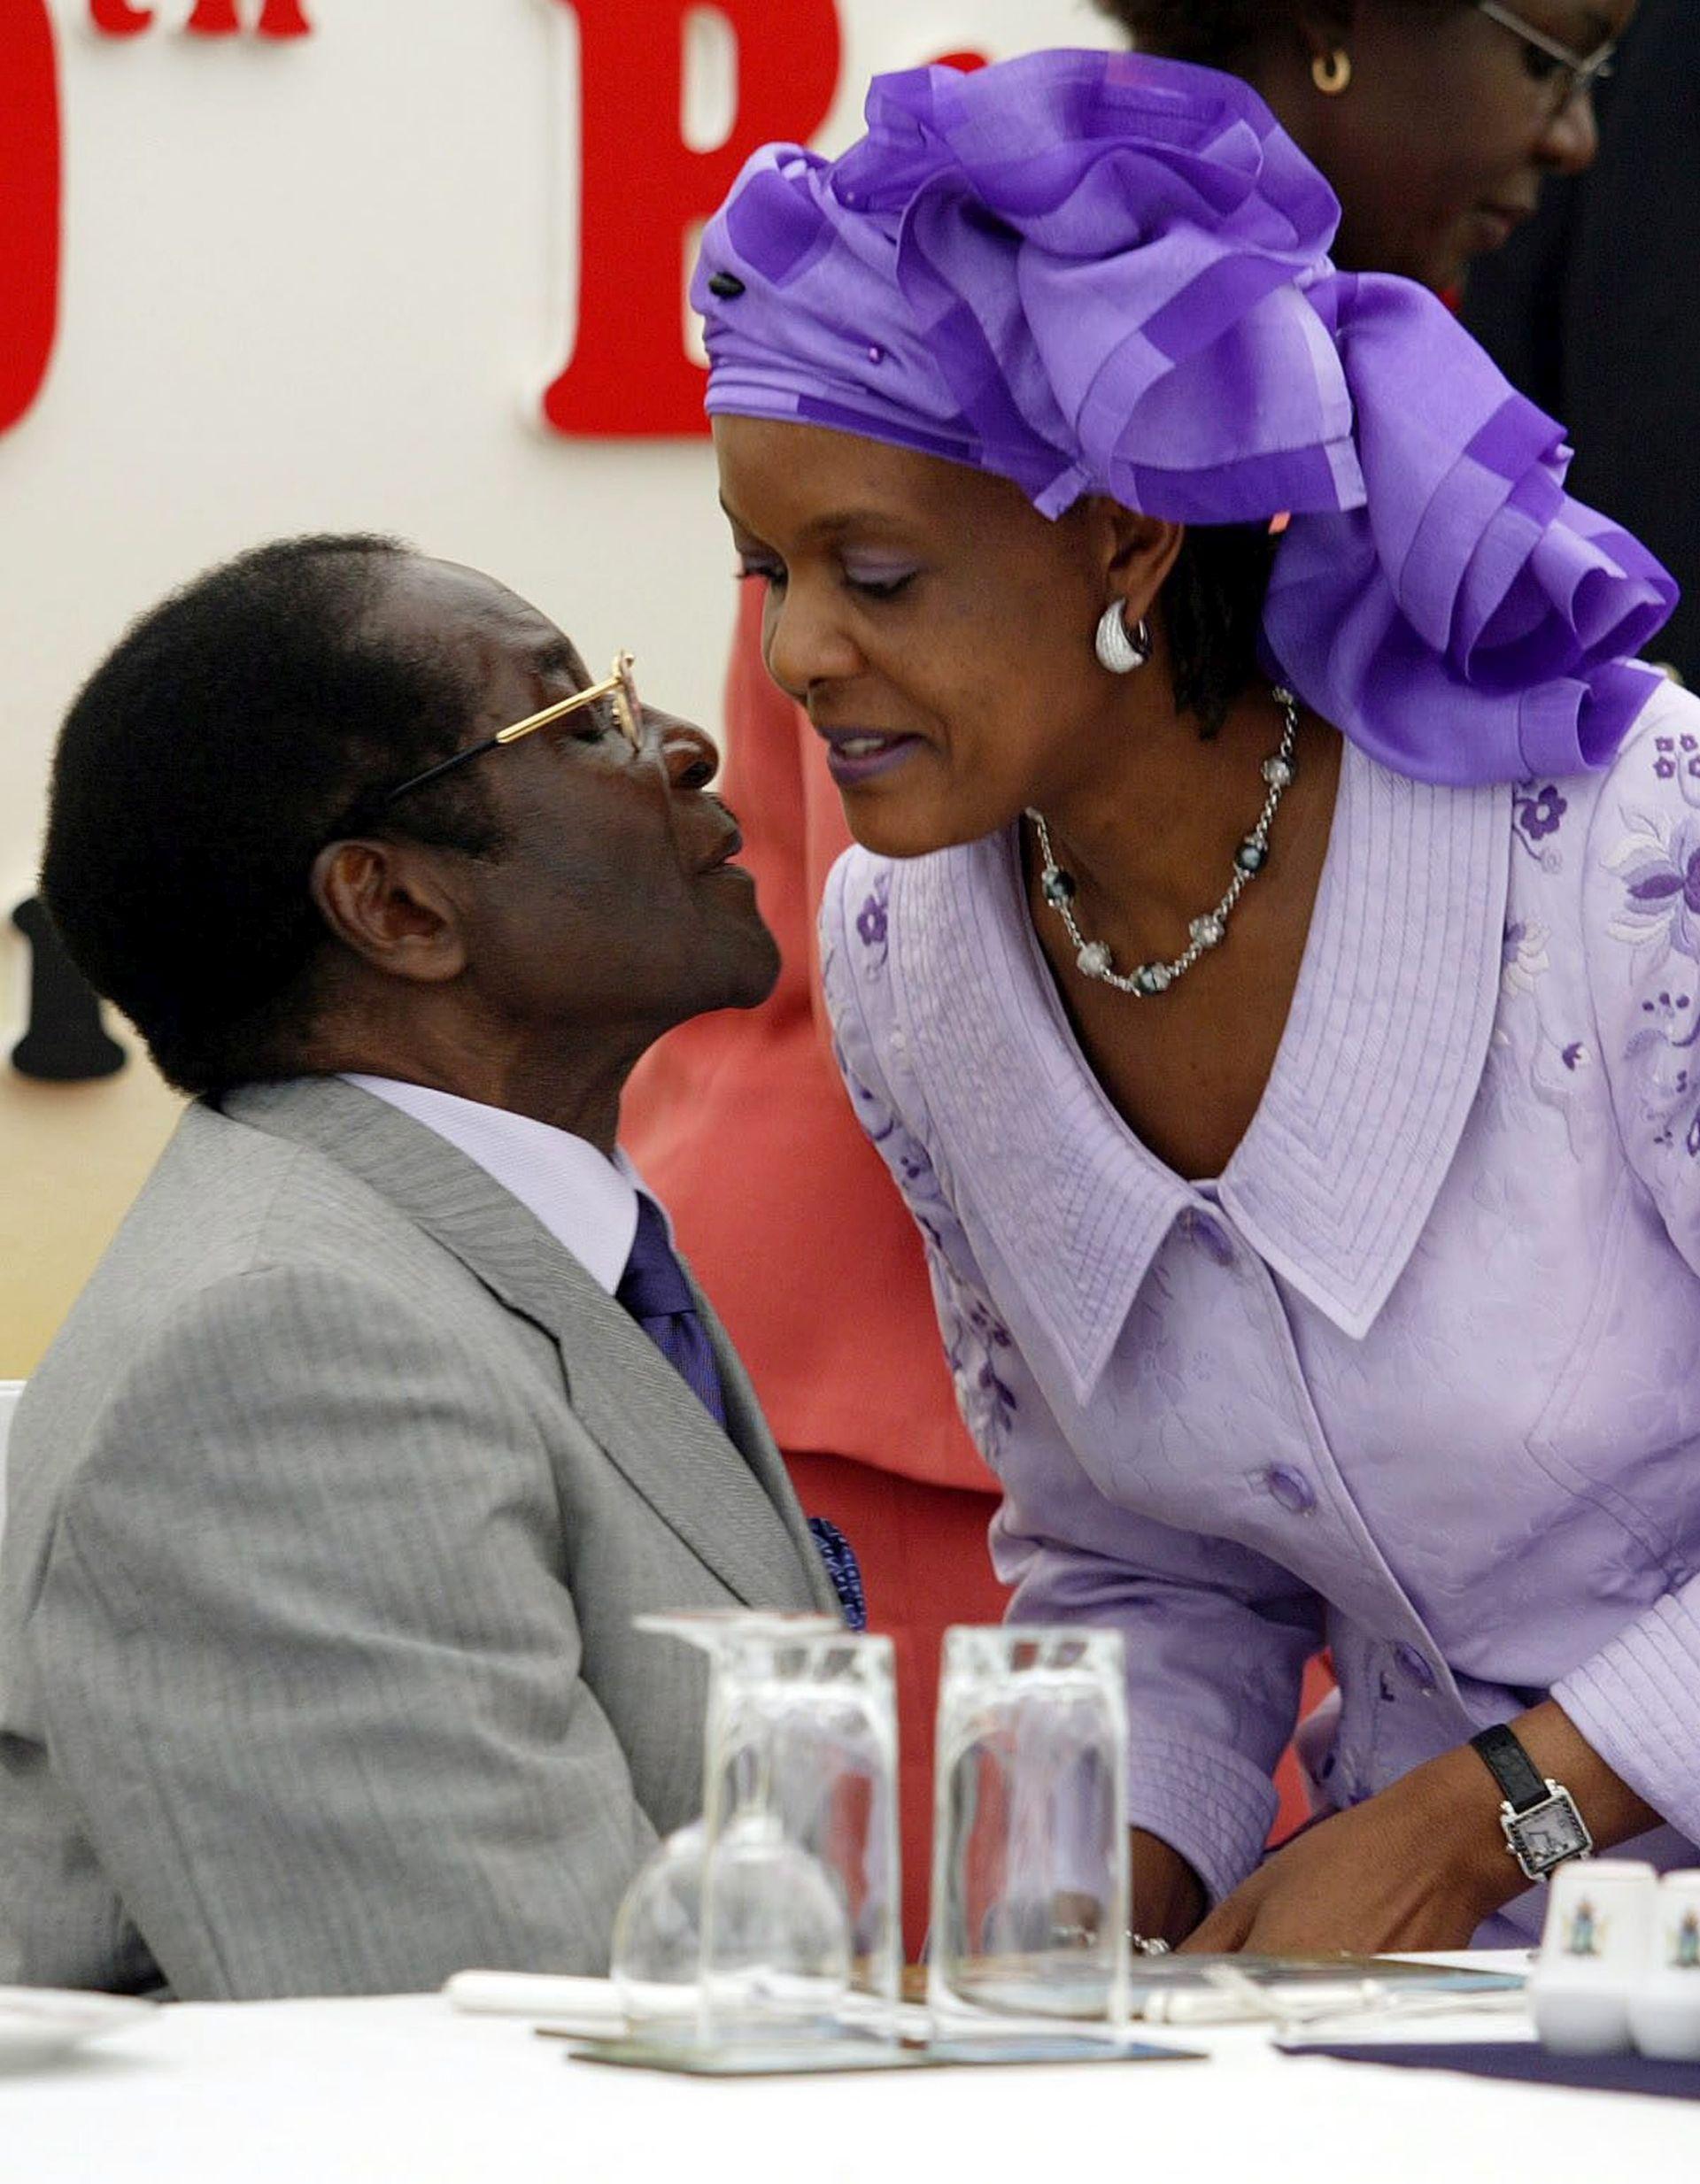 Prva dama Zimbabvea osumnjičena da je produžnim kablom napala 20-godišnjakinju